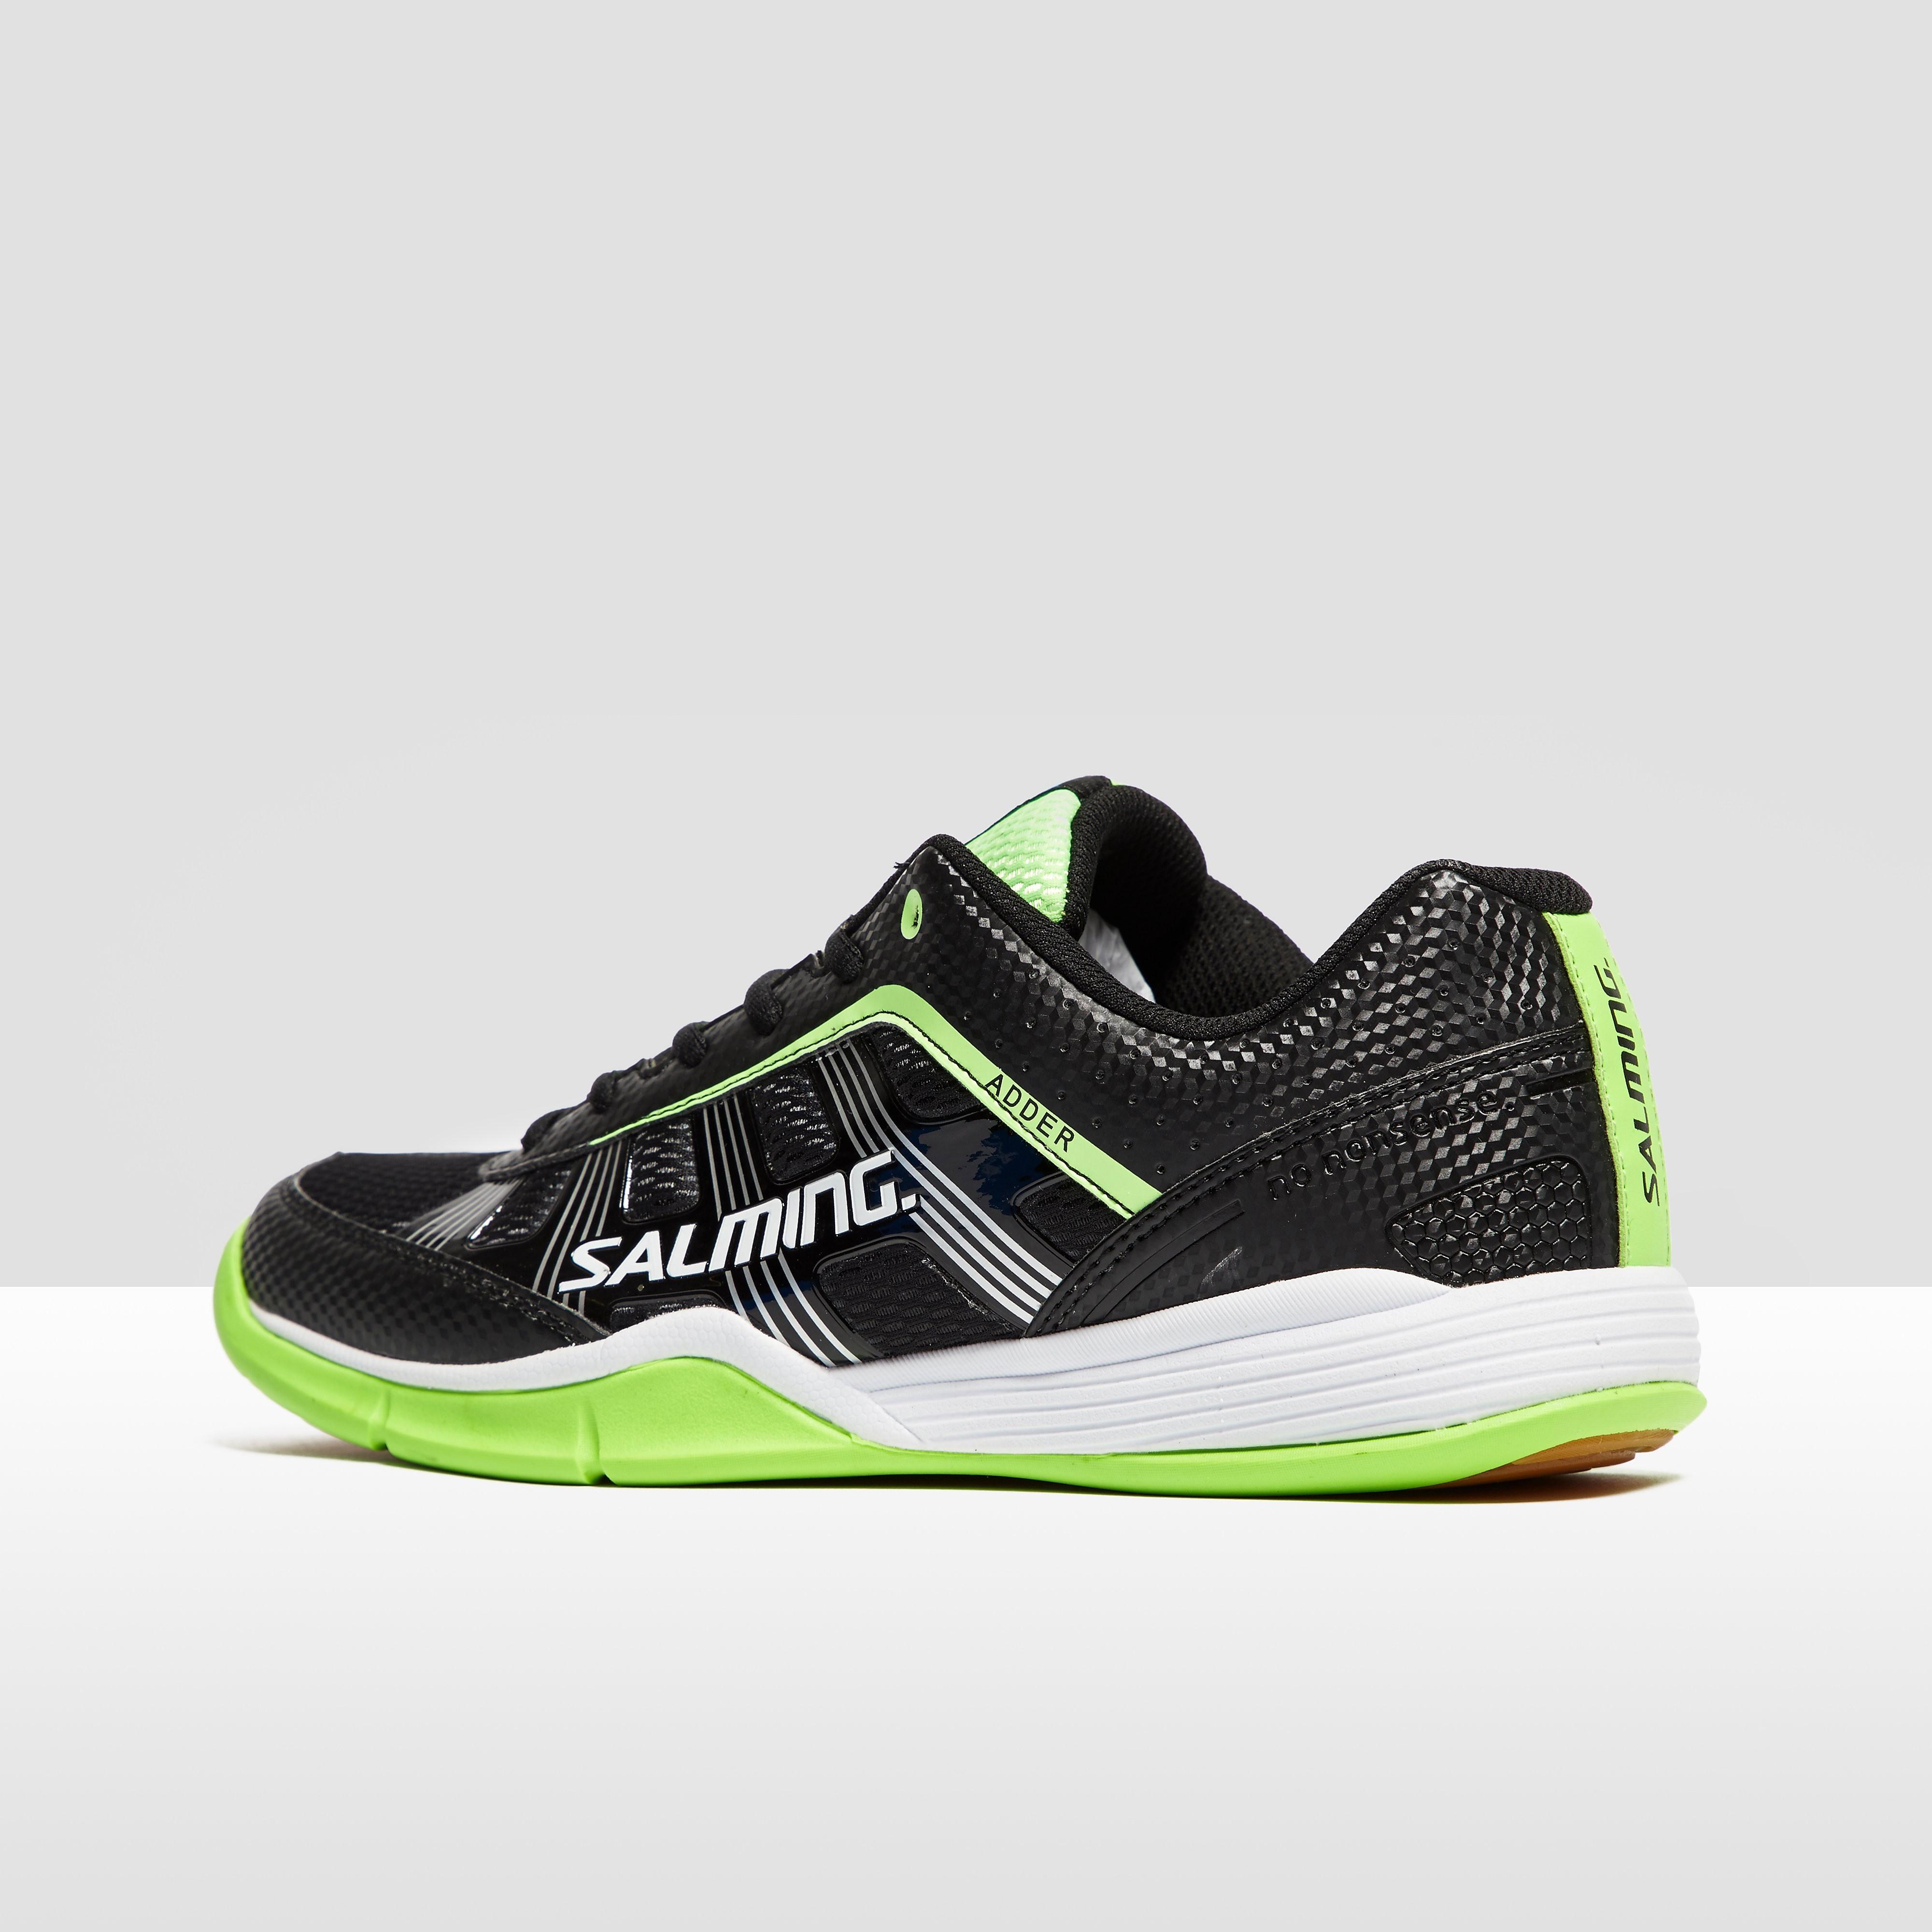 Salming Adder Men's Indoor Court Shoes